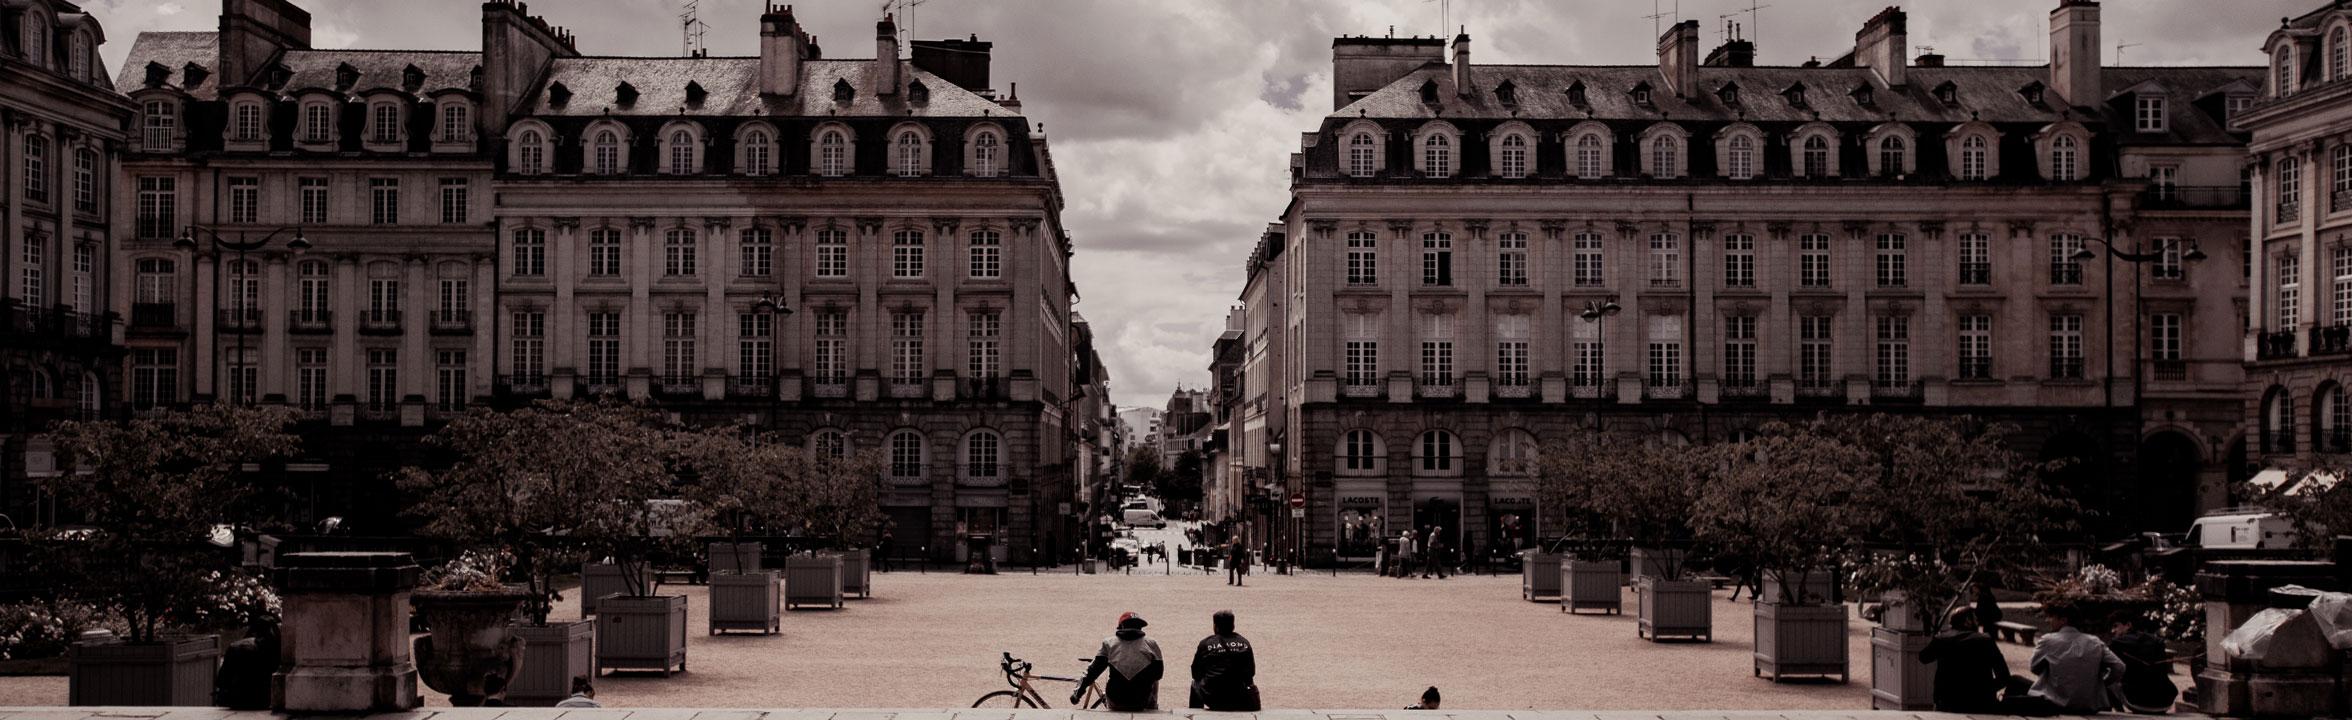 France Rennes